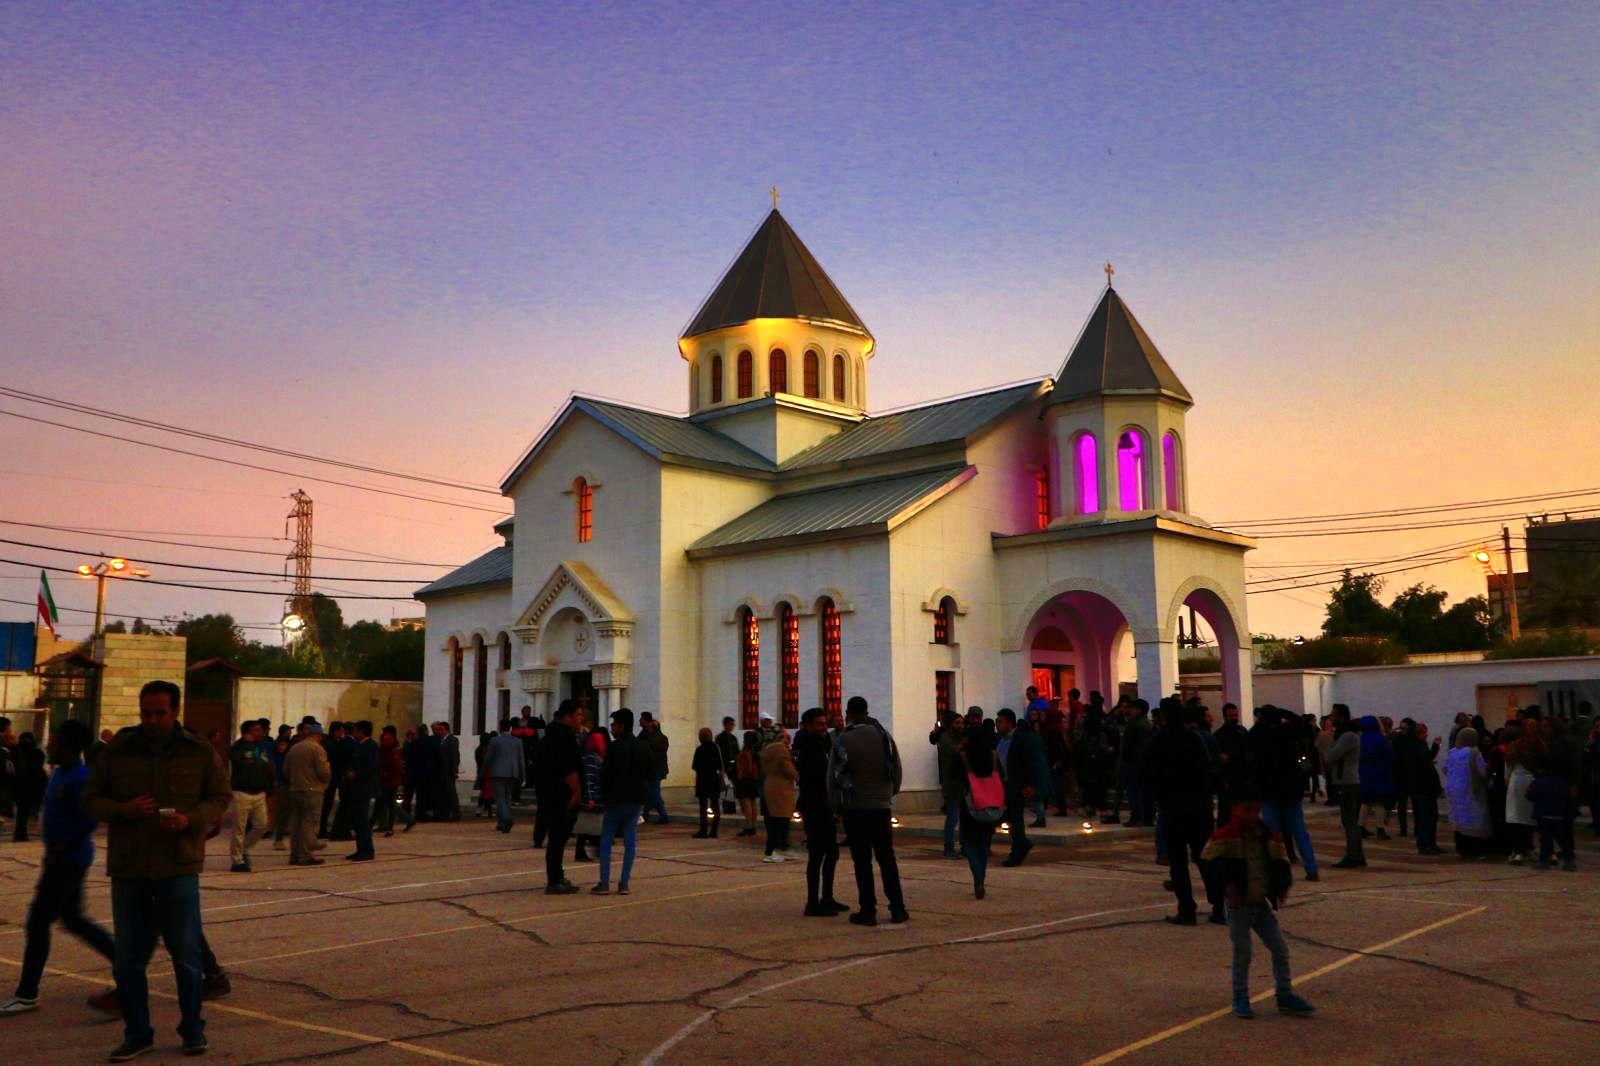 کلیسای ارامنه ،جاذبه های گردشگری آبادان